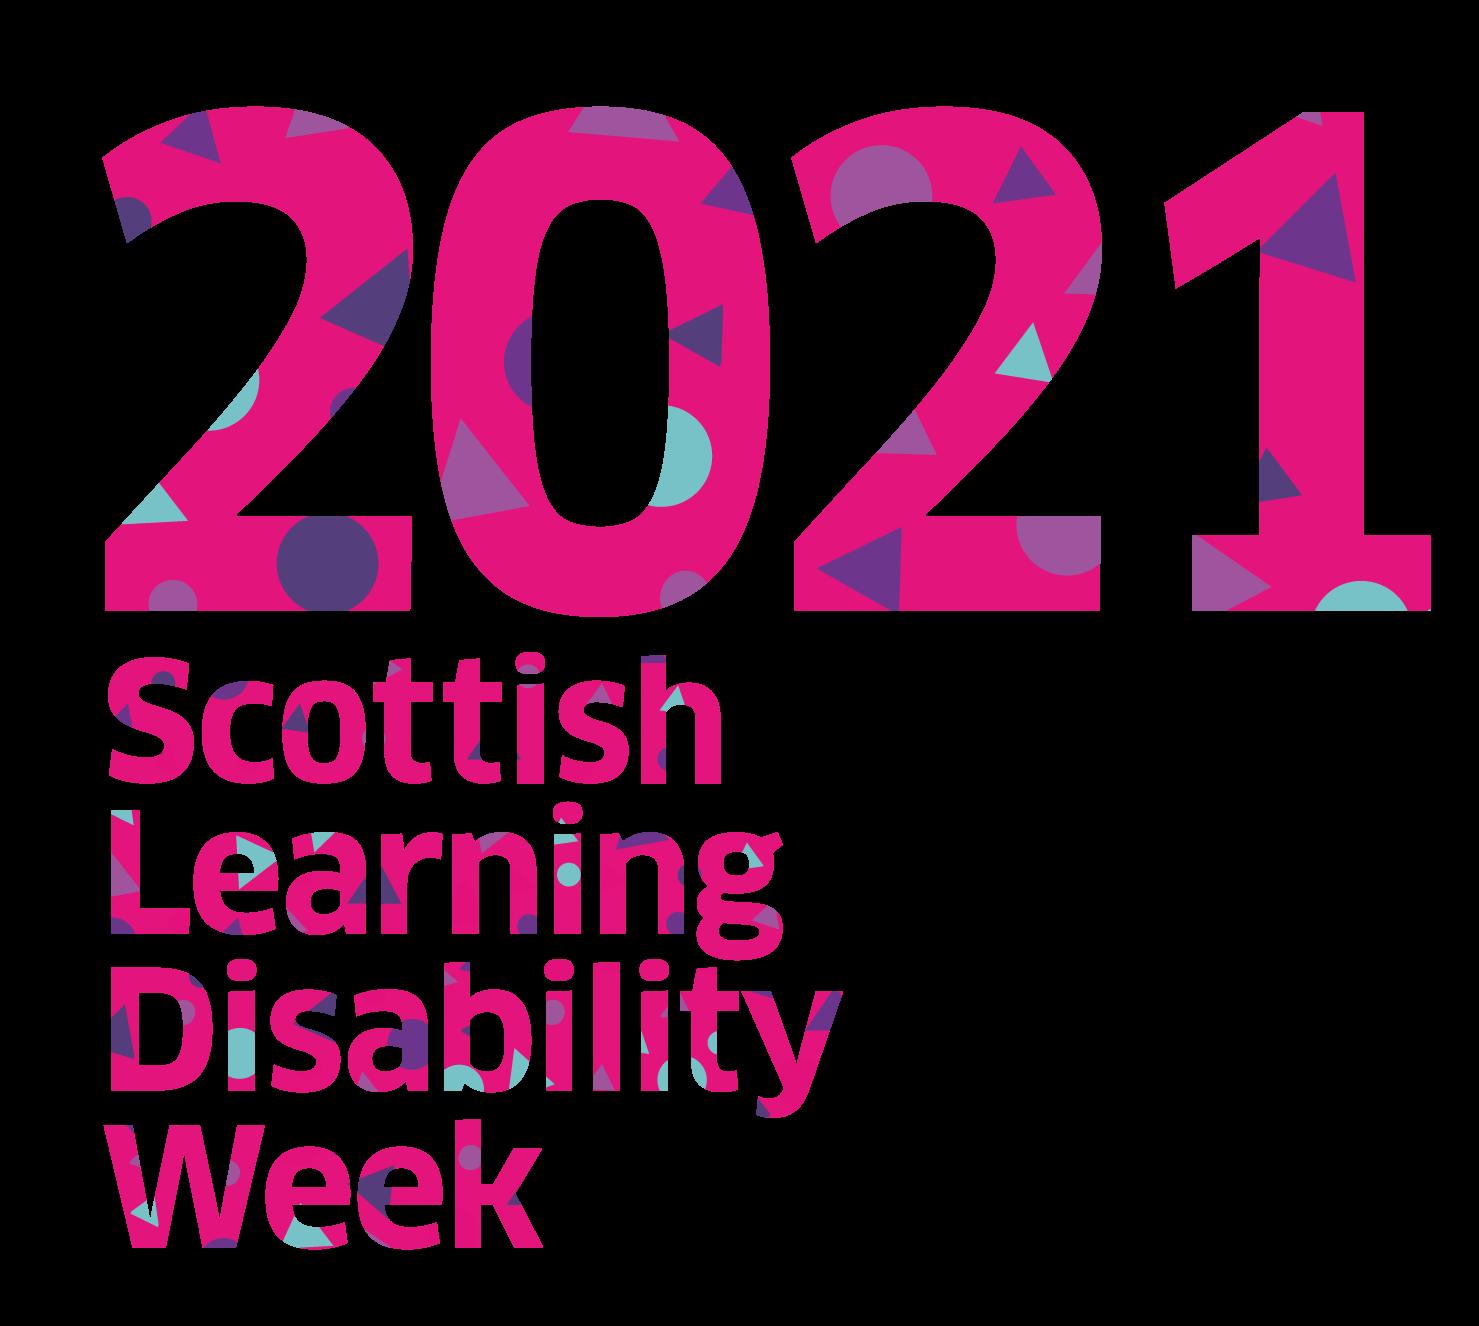 2021 Scottish Learning Disability Week